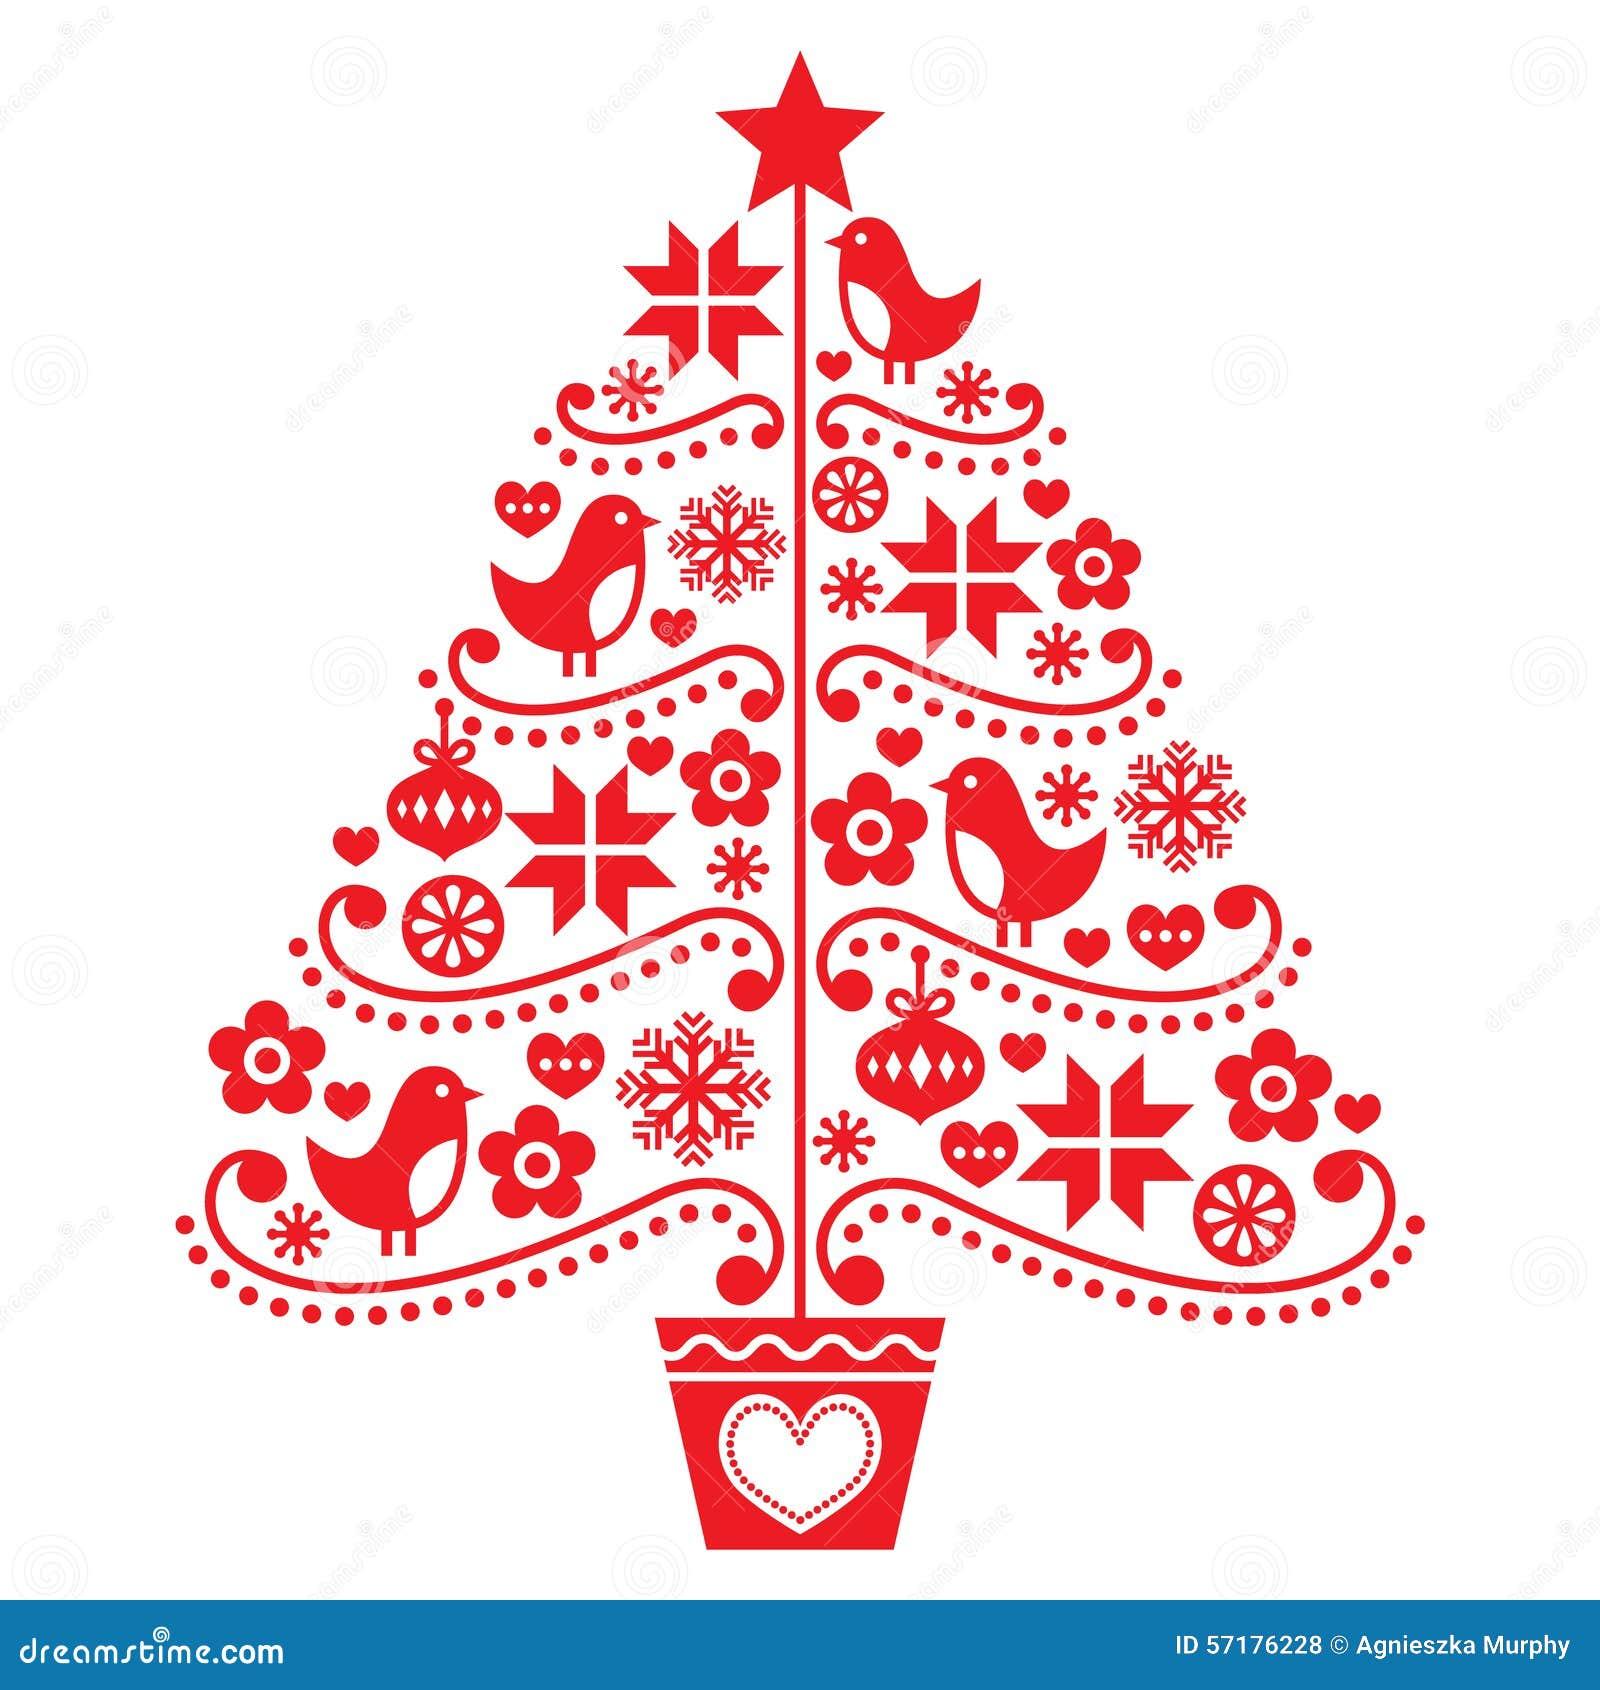 Dise o del rbol de navidad estilo popular con los - Diseno de arboles de navidad ...